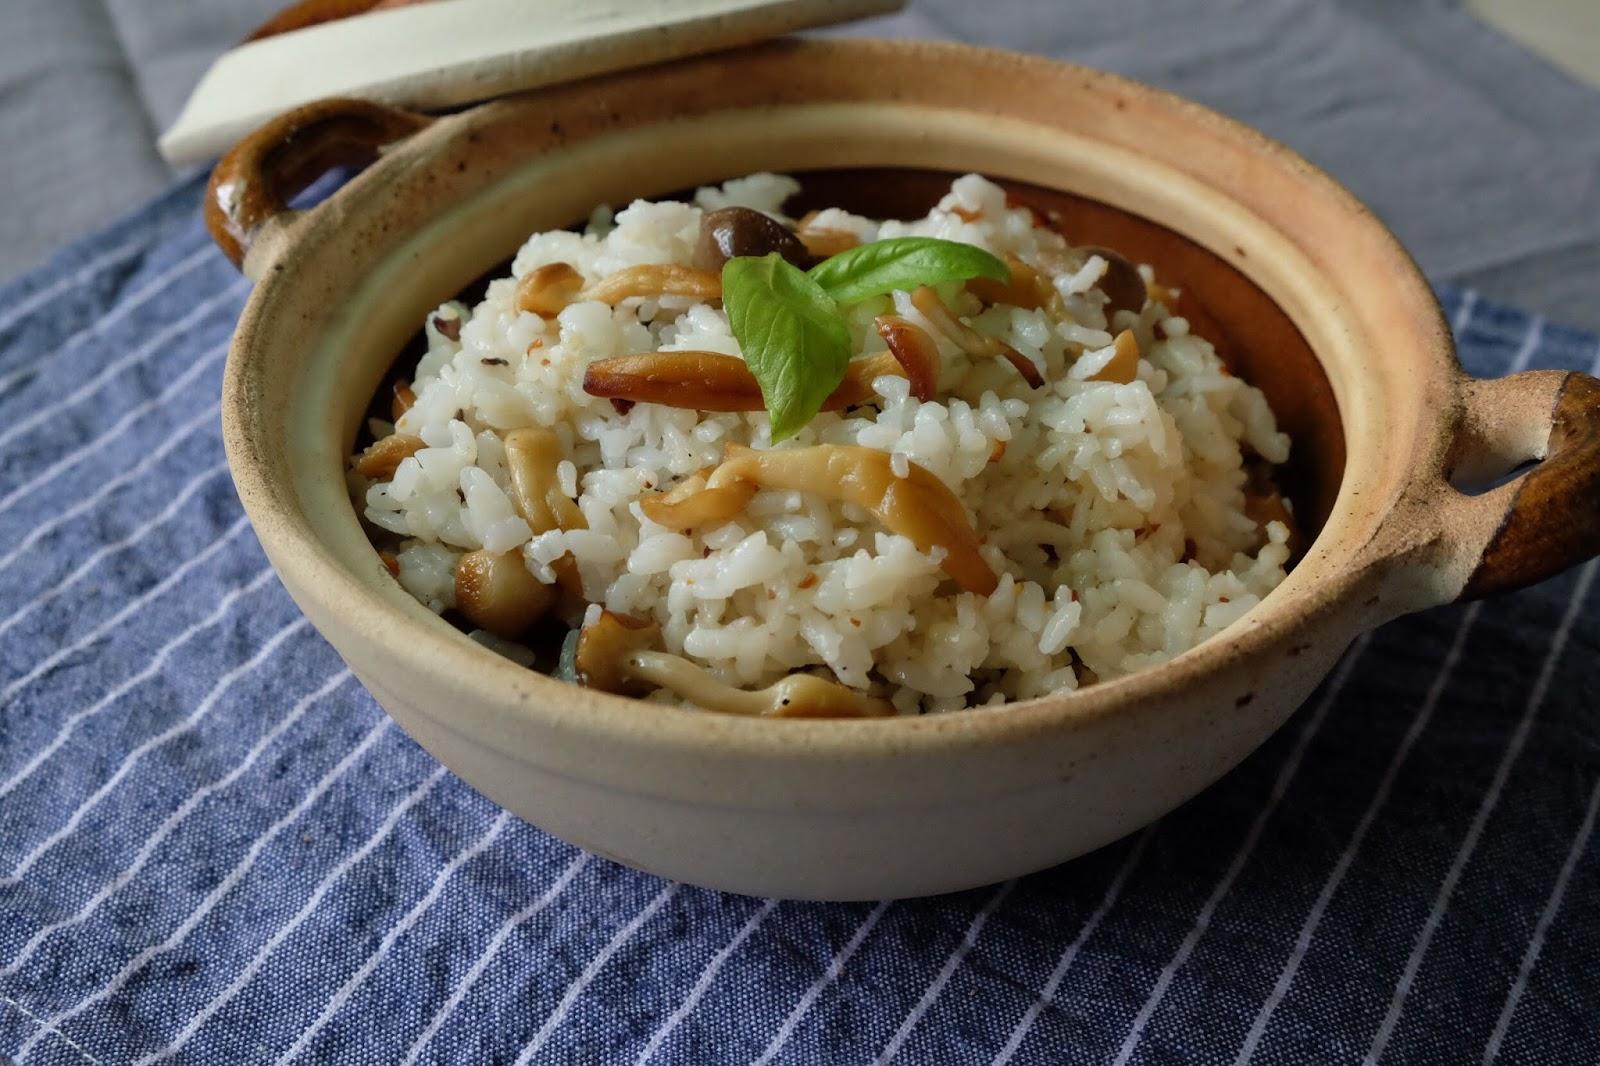 自家廚房|快手上菜有味飯,蒜香綜合菇菇拌飯(附食譜)